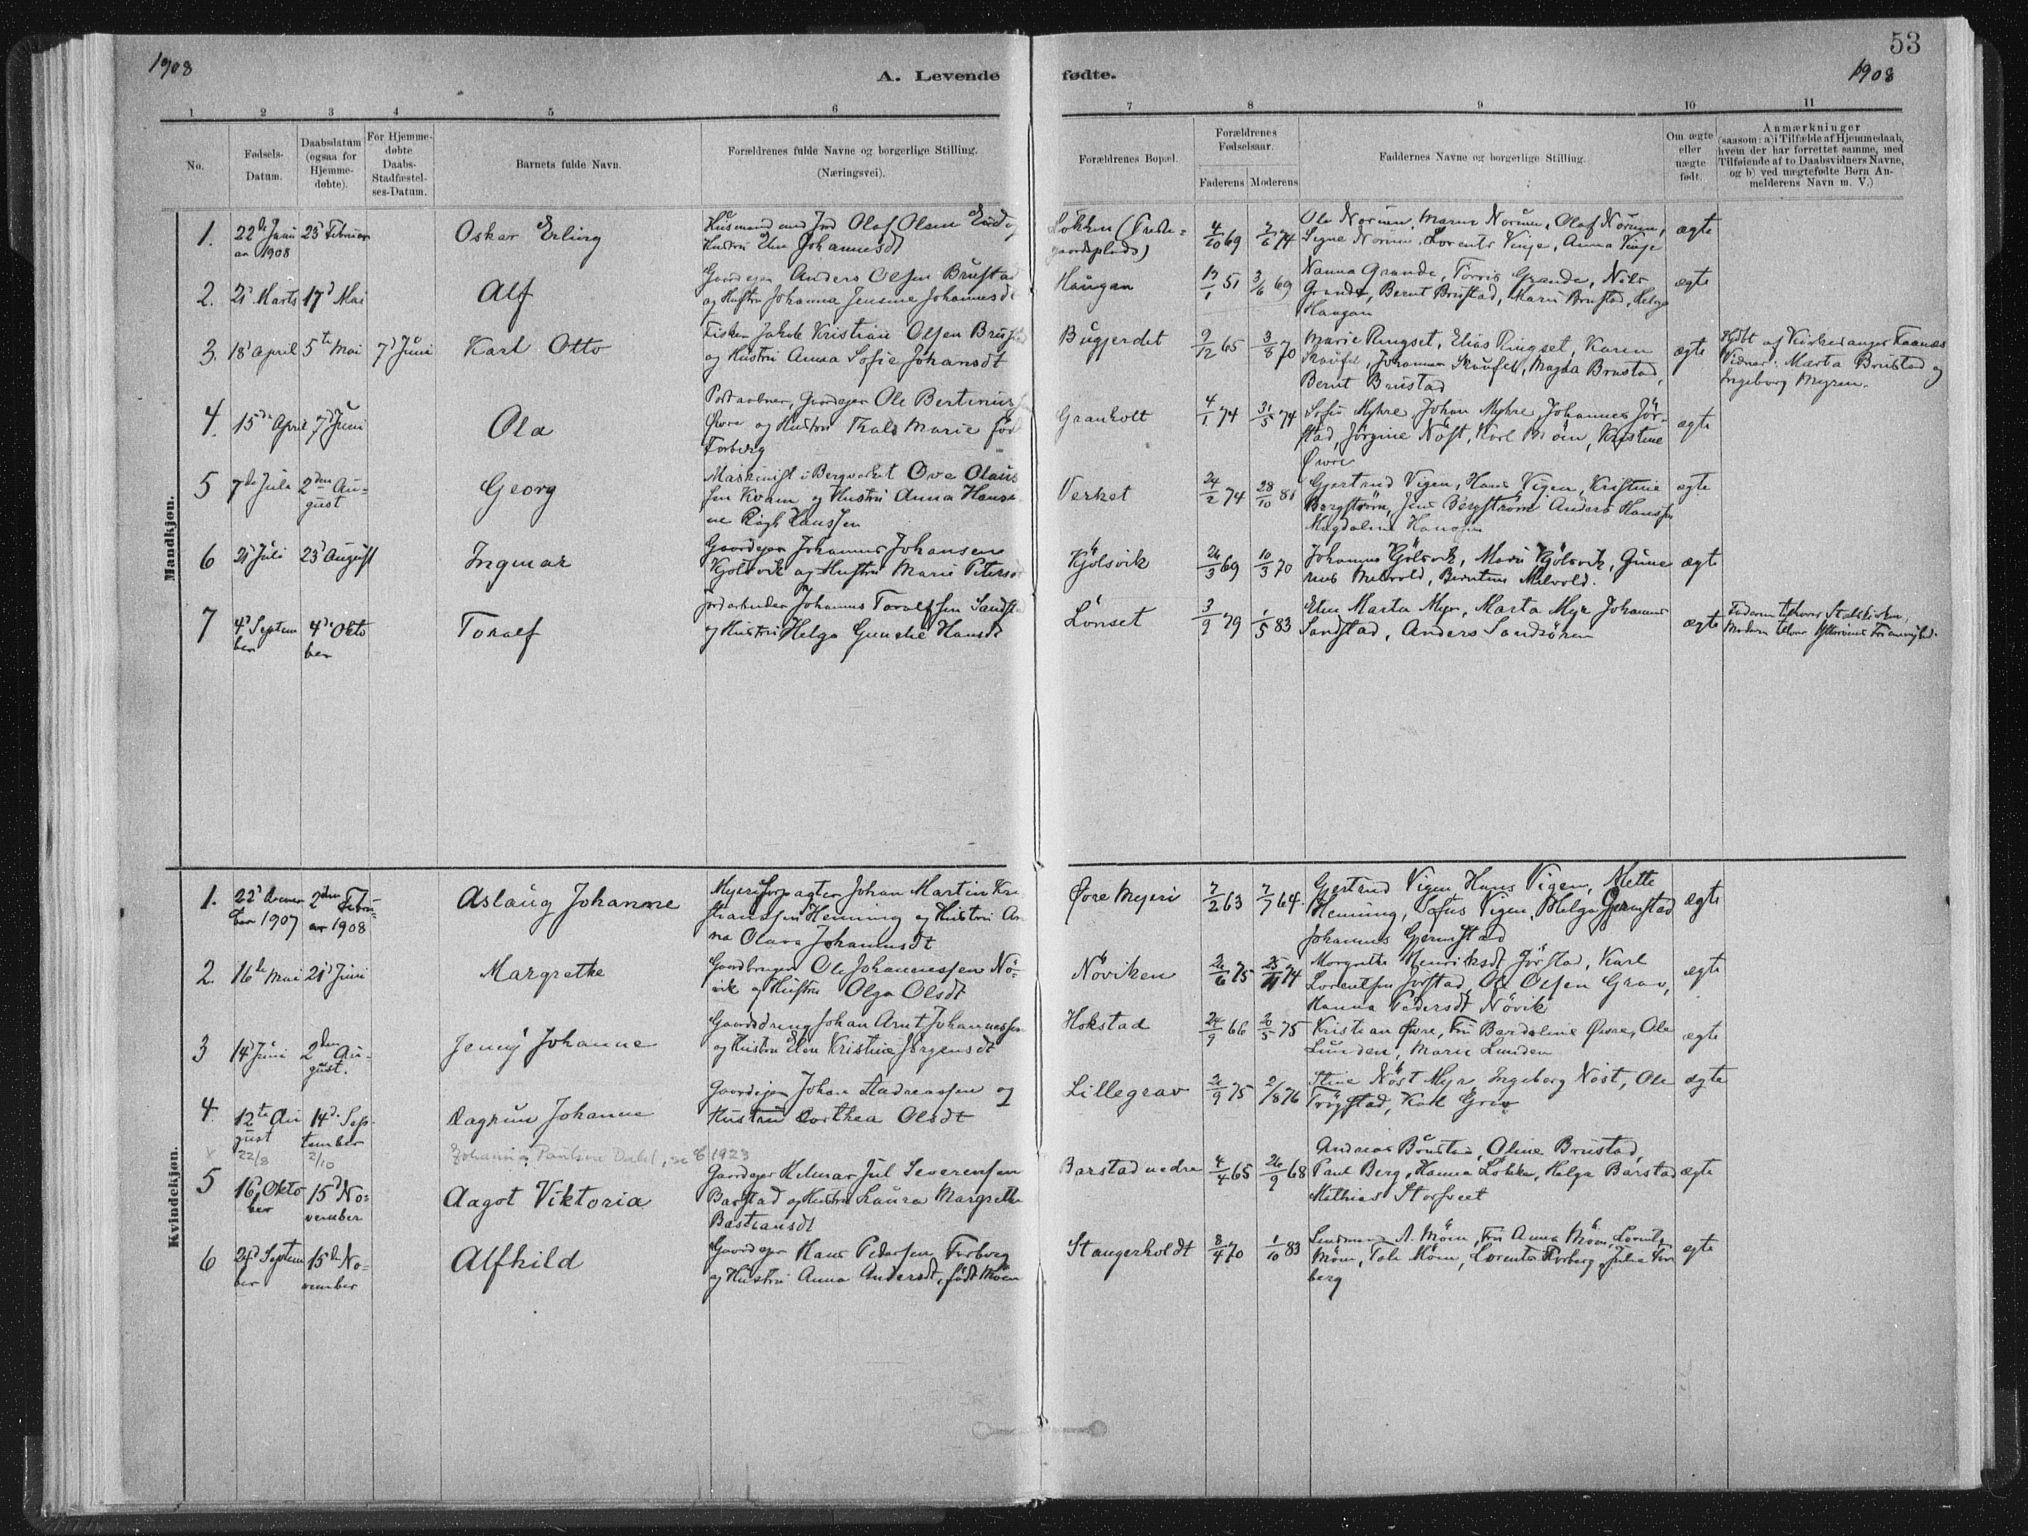 SAT, Ministerialprotokoller, klokkerbøker og fødselsregistre - Nord-Trøndelag, 722/L0220: Ministerialbok nr. 722A07, 1881-1908, s. 53